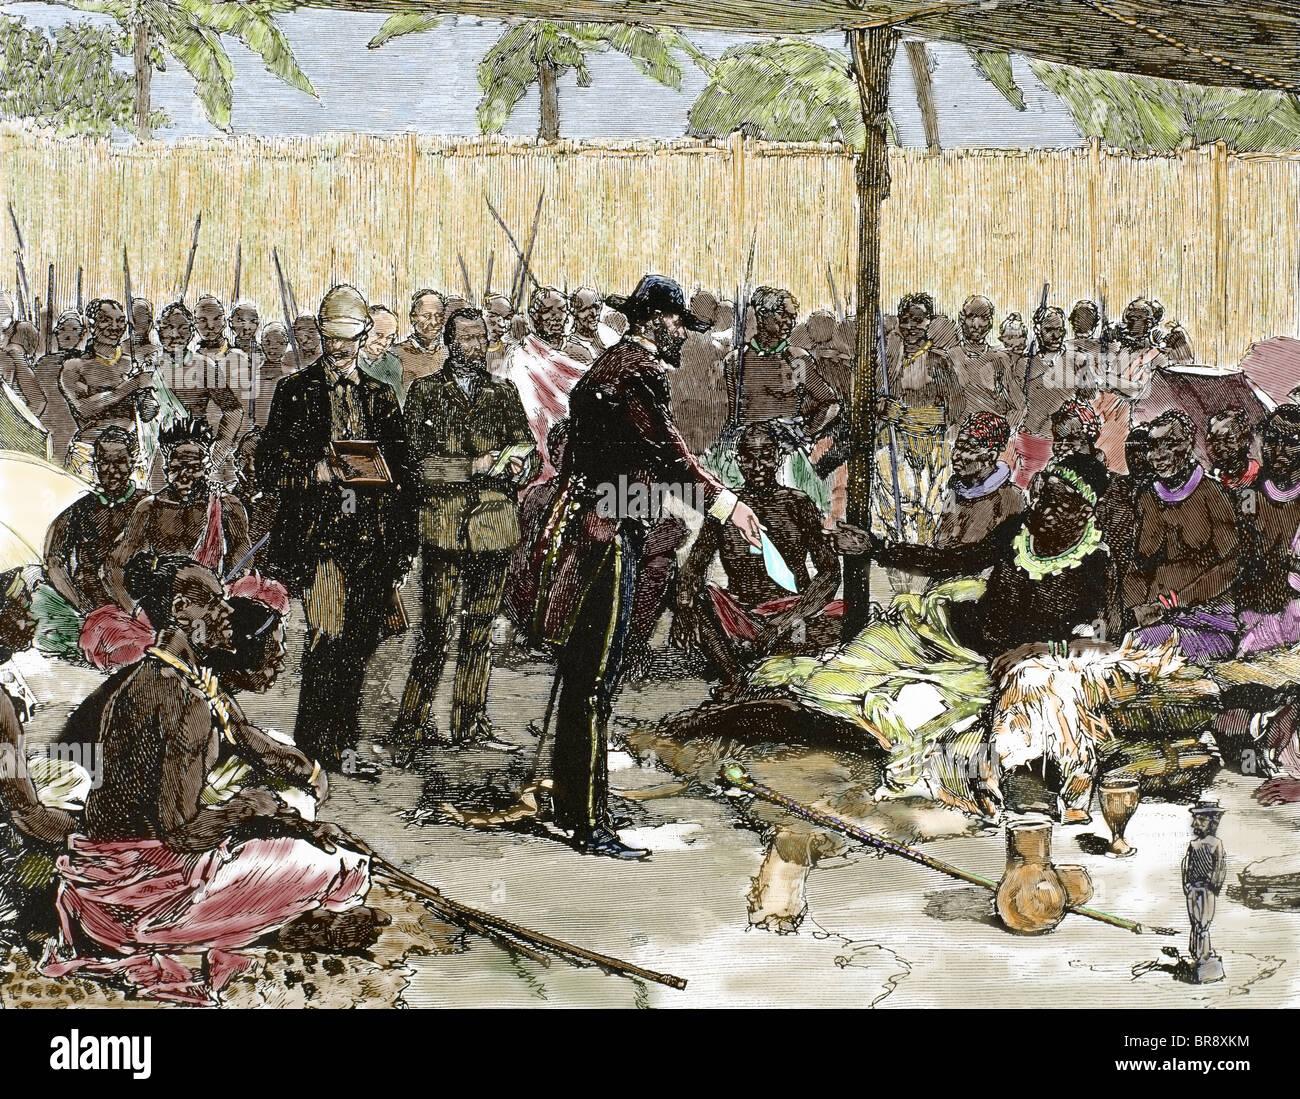 Brazzà offrendo al re Makoko il protettorato trattato ratificato dal governo francese. Immagini Stock